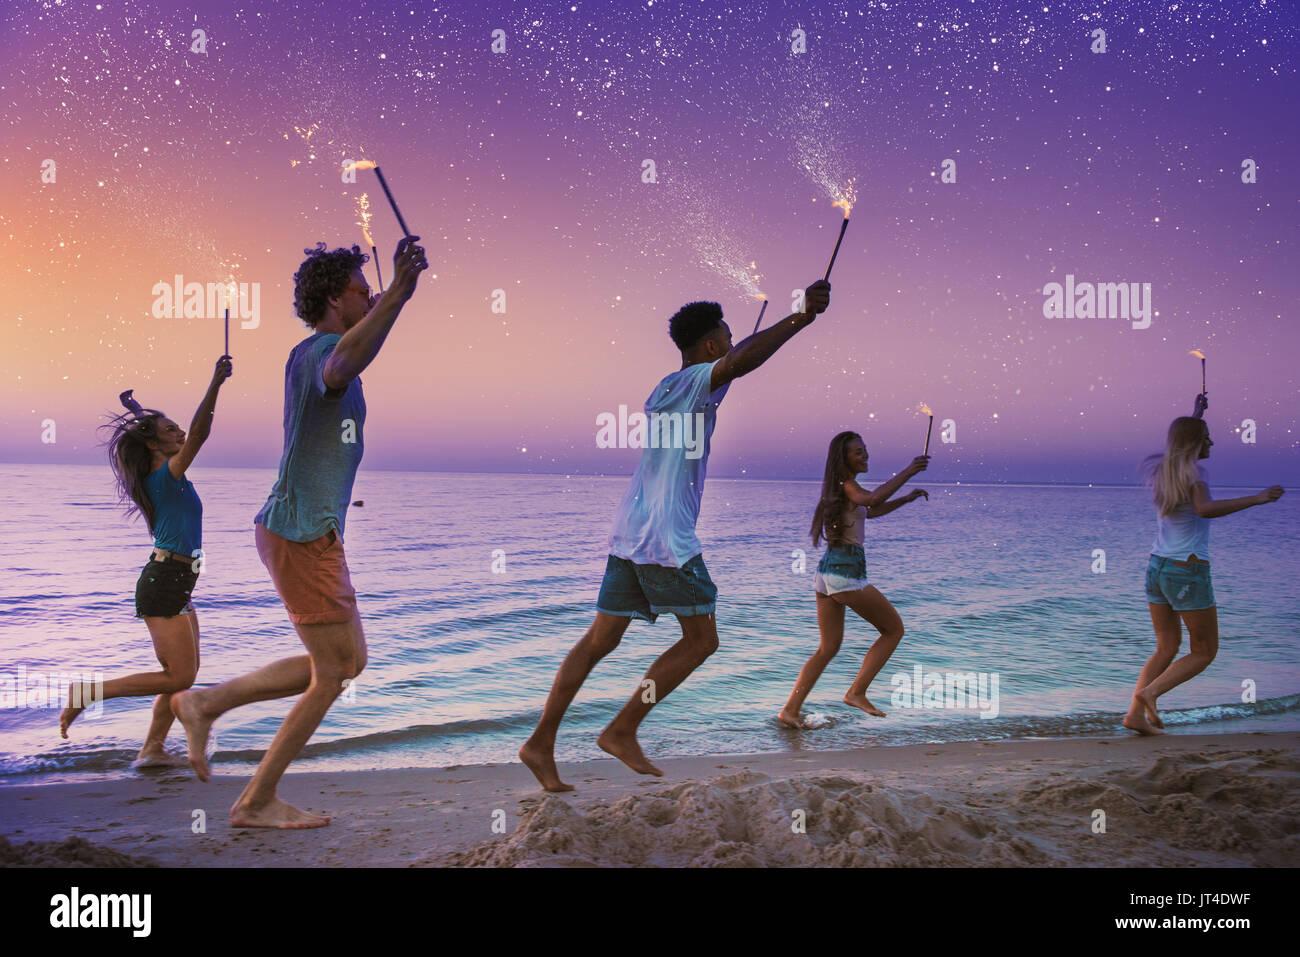 Feliz sonriendo amigos corriendo en la playa con espumosos velas Imagen De Stock